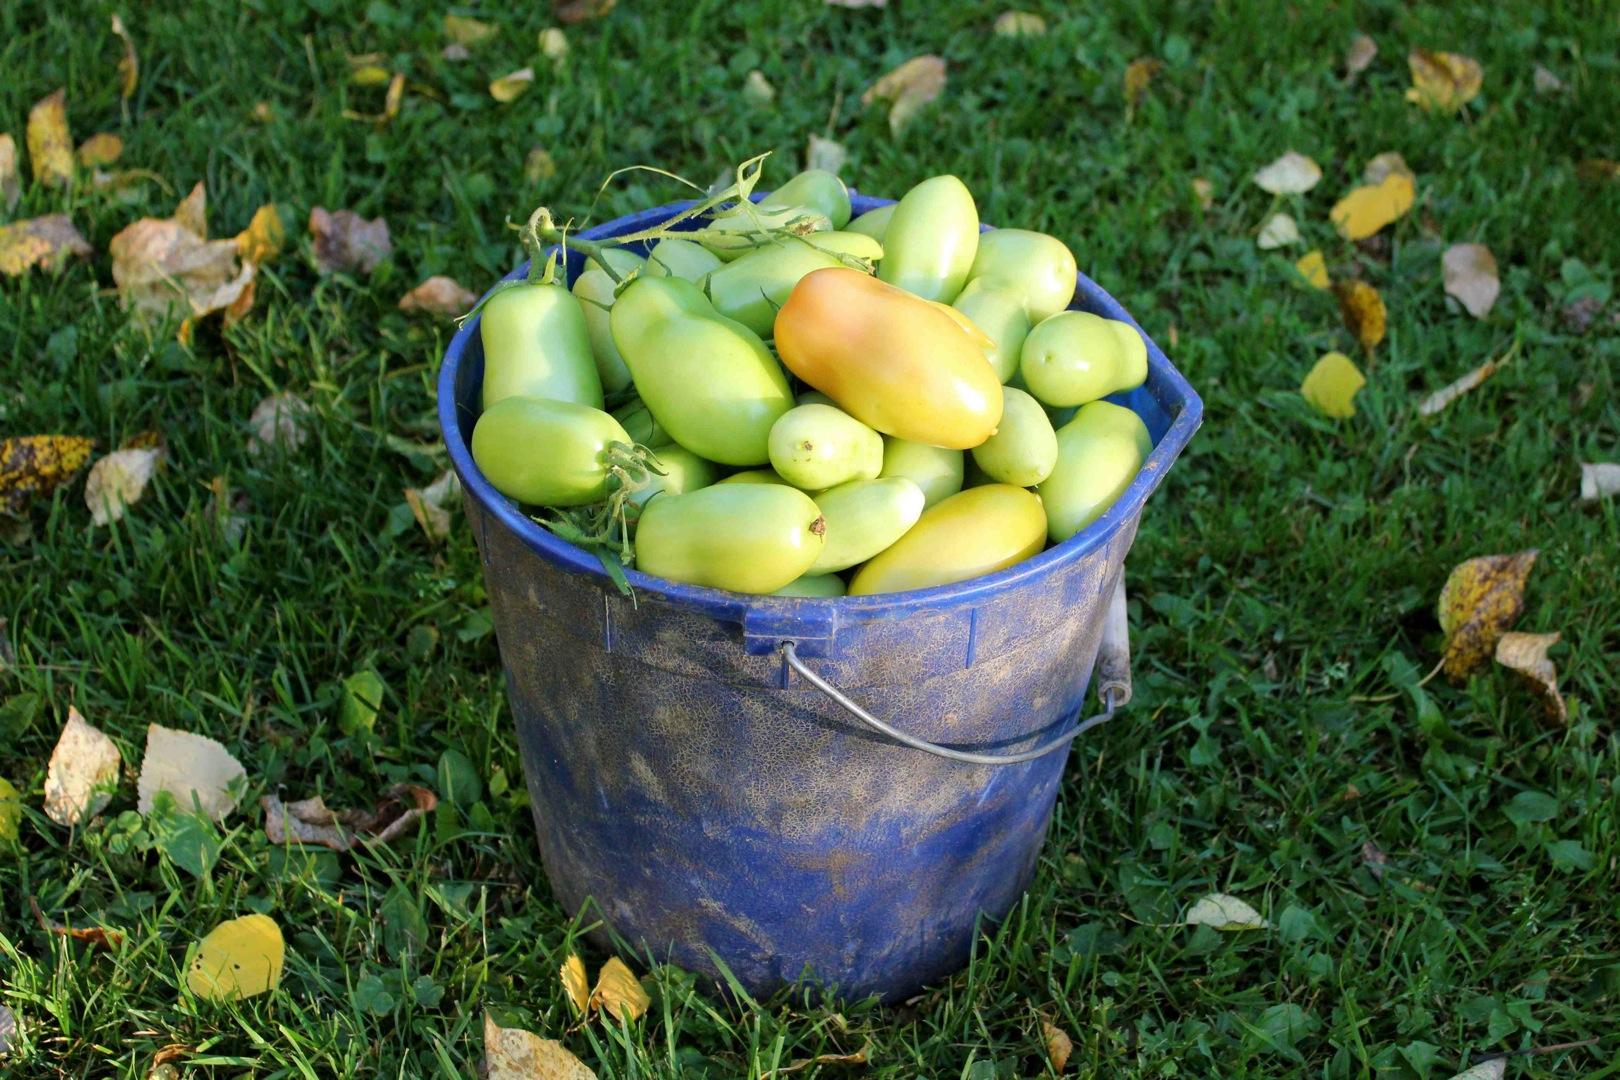 Planting Potatoes In Barrels